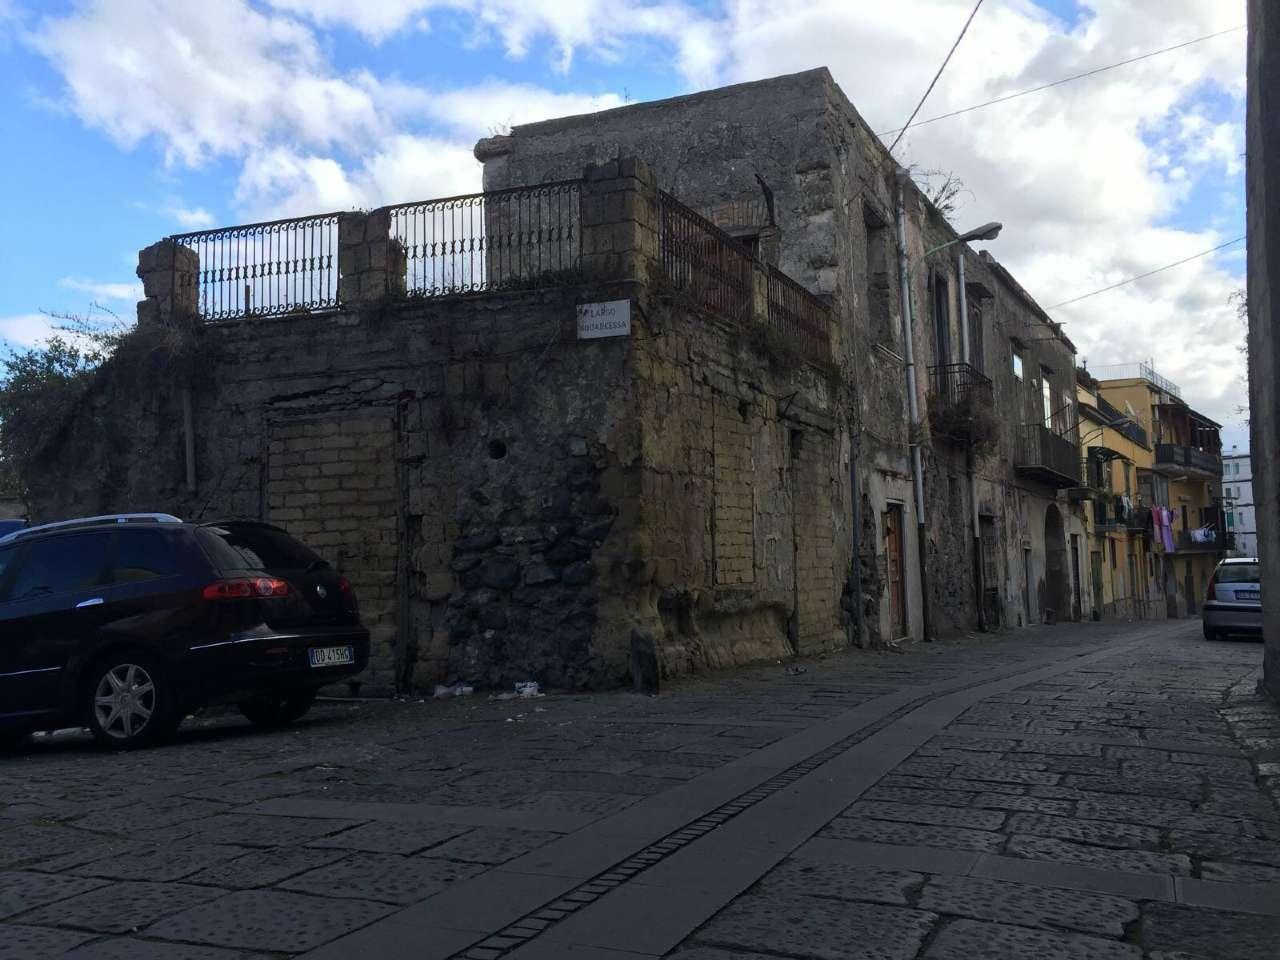 Appartamento in vendita a Sant'Anastasia, 6 locali, prezzo € 70.000 | CambioCasa.it